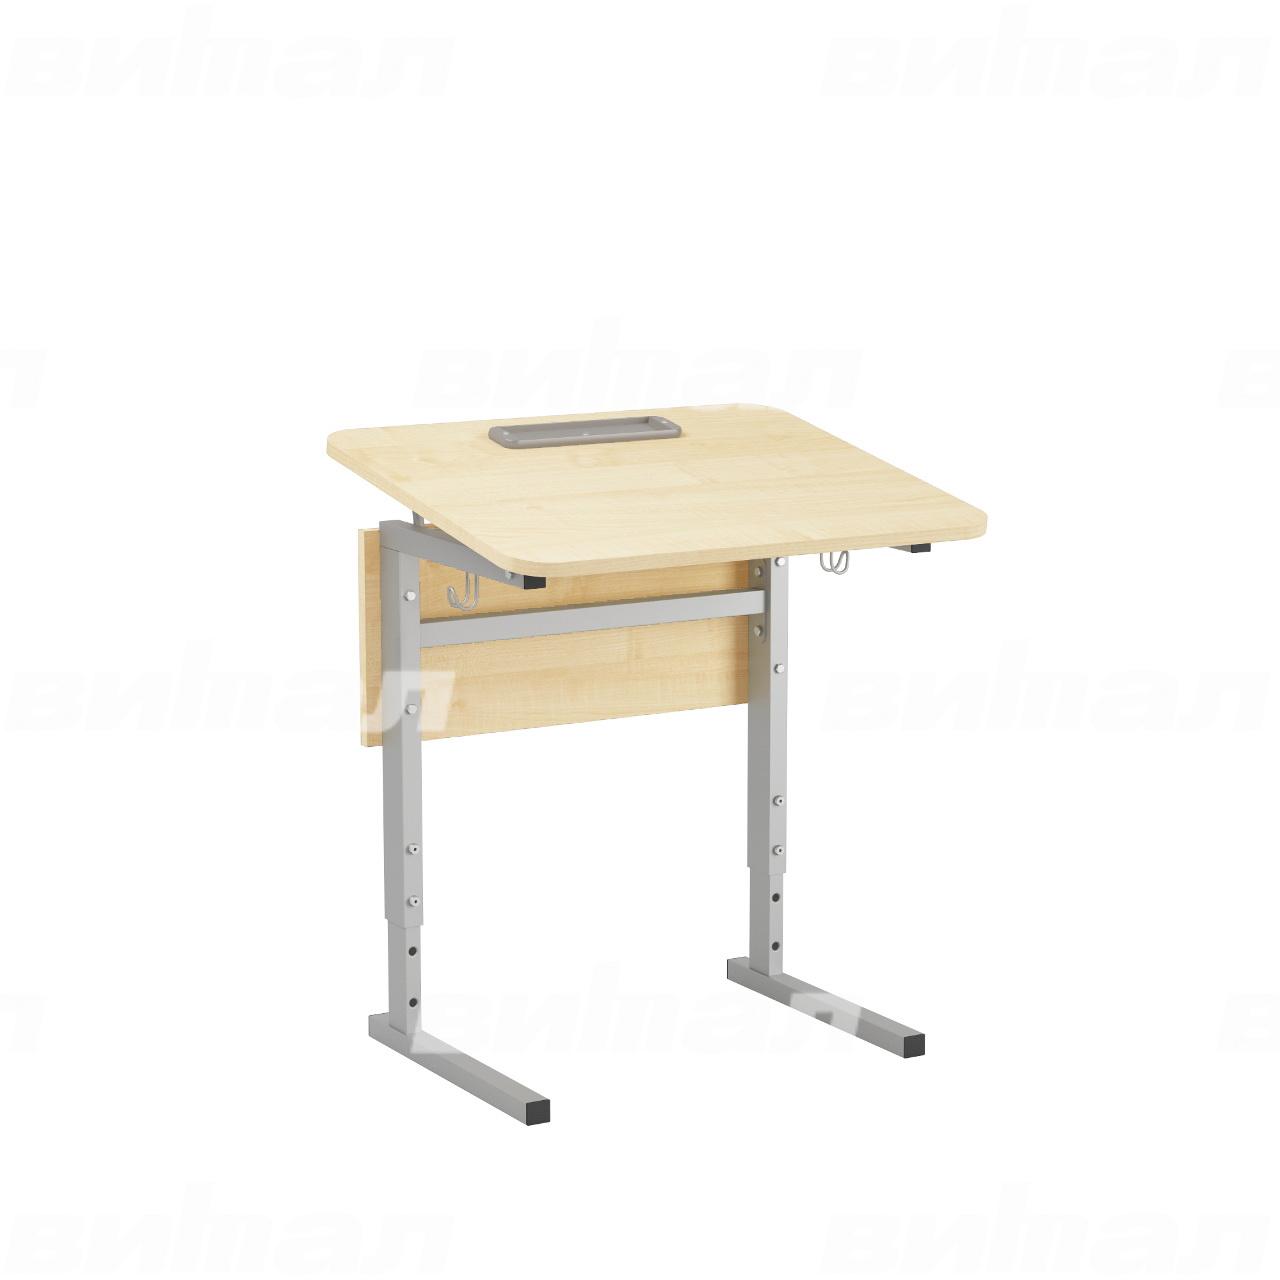 Стол 1-местный регулир. высота и наклон столешницы 0-10° (гр 2-4, 3-5 или 4-6) серый Клен 4-6 Меламин прямоугольная